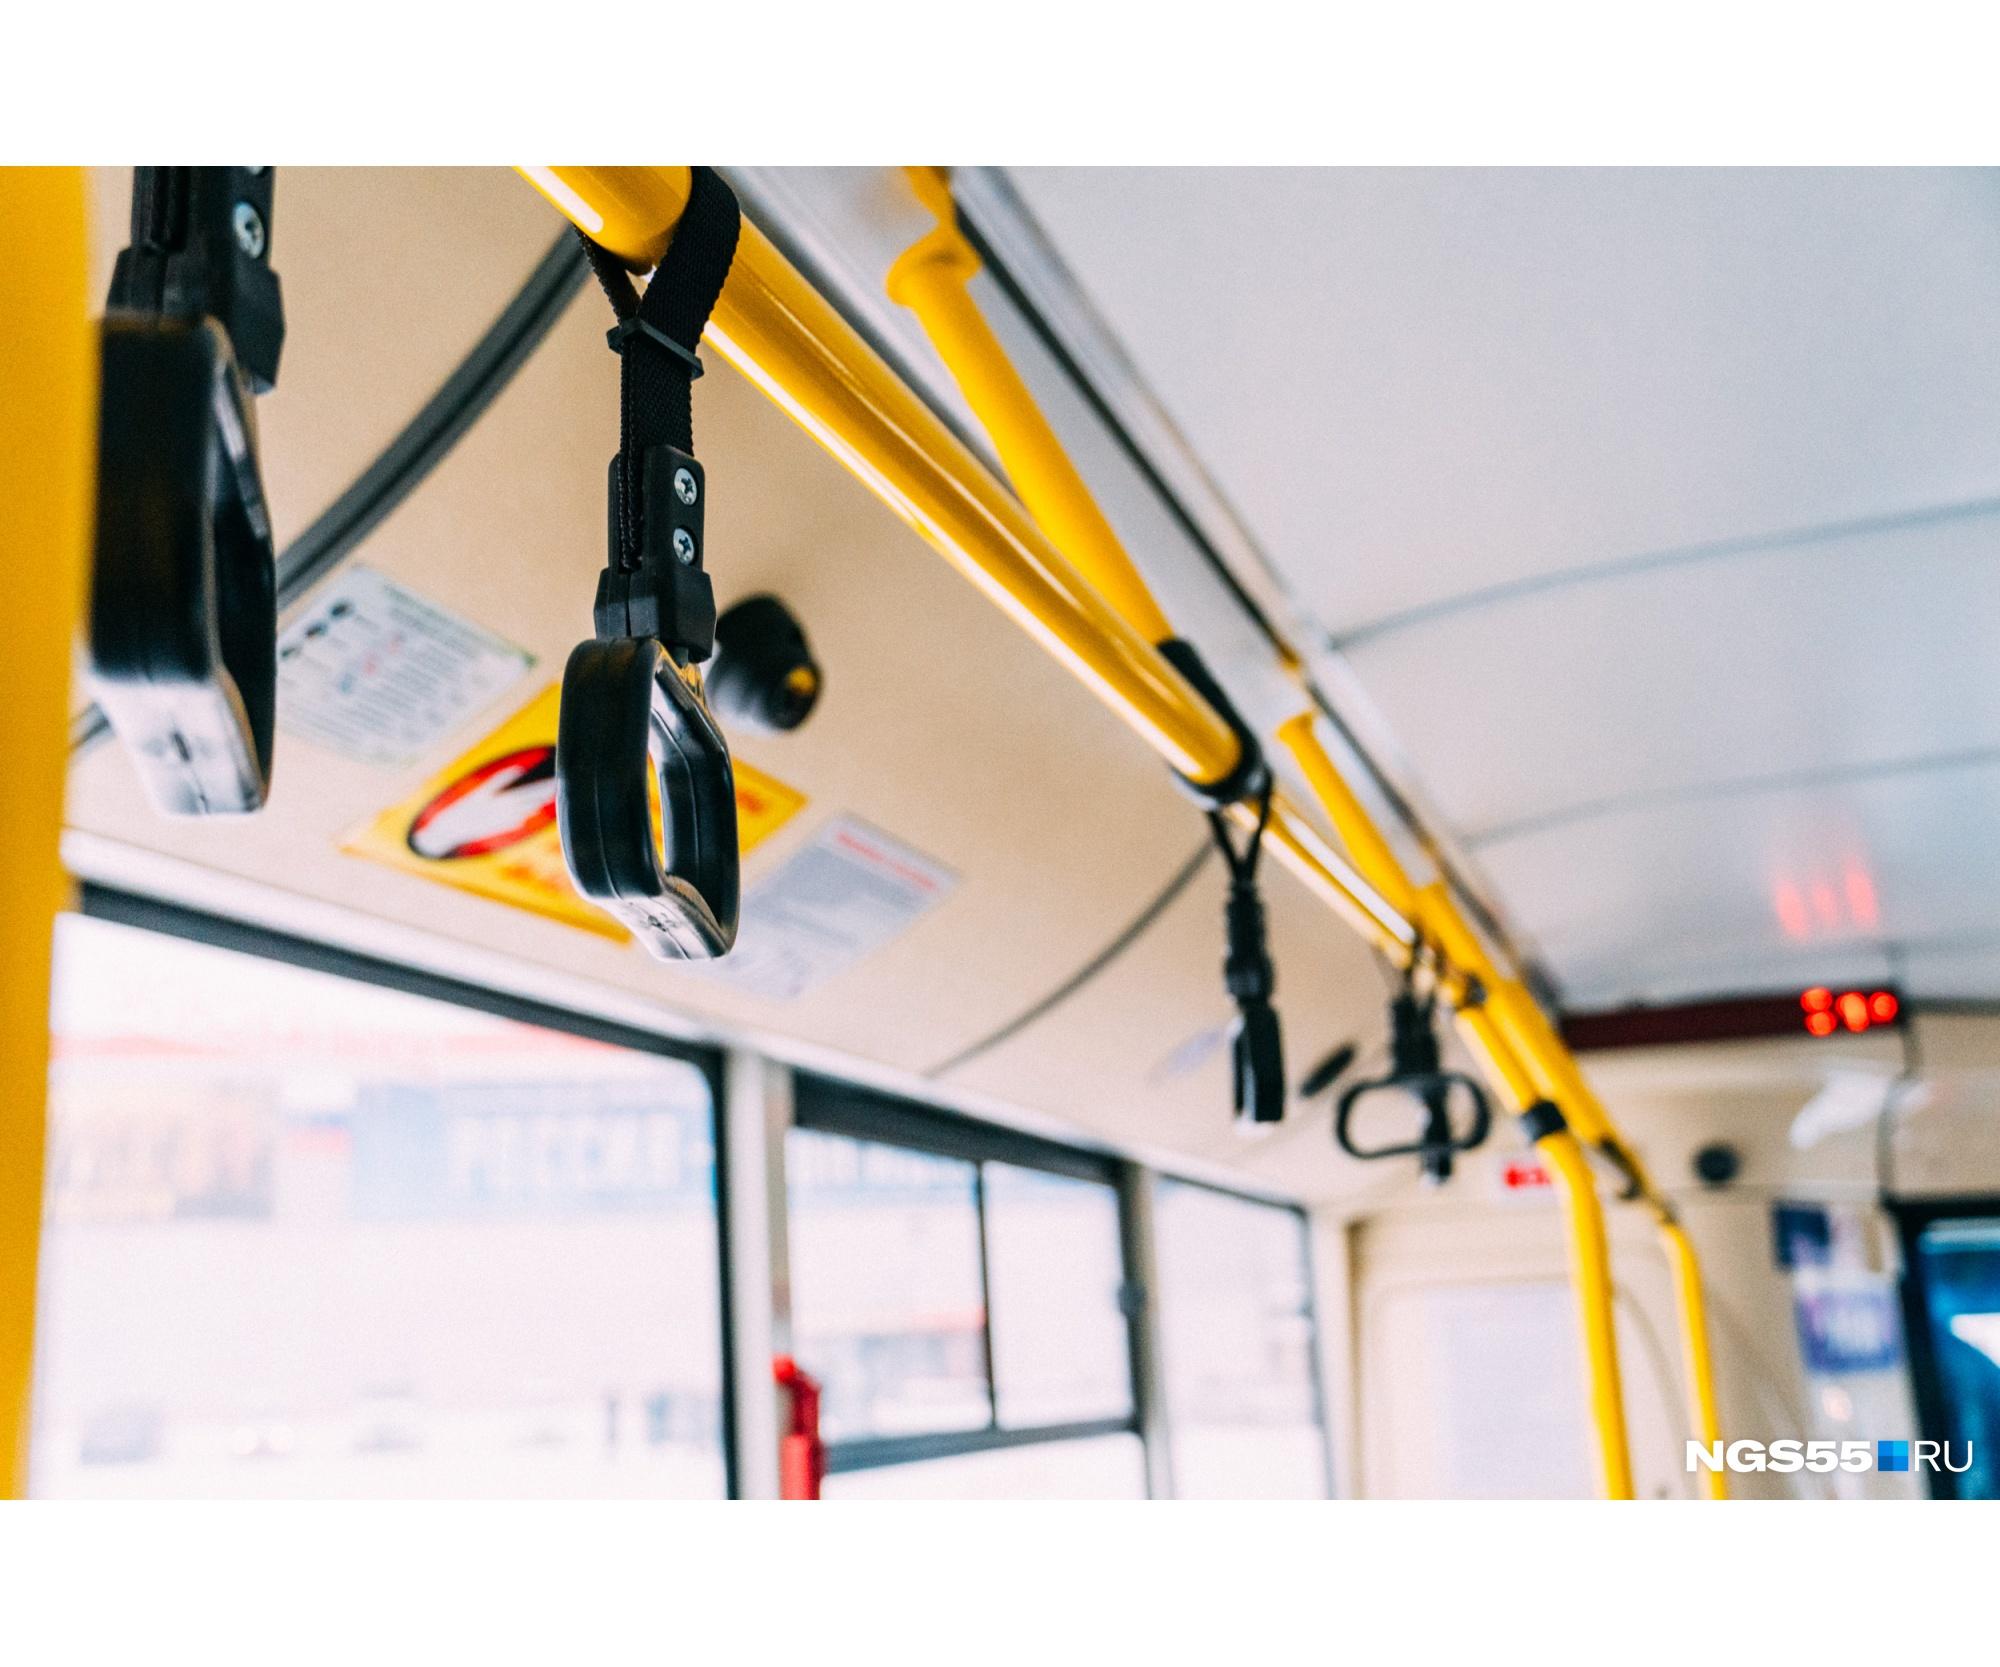 Верхние поручни в автобусе всё же есть, но в низкопольном автобусе дотянуться до них сможет не каждый — для этого навешены дополнительные ручки